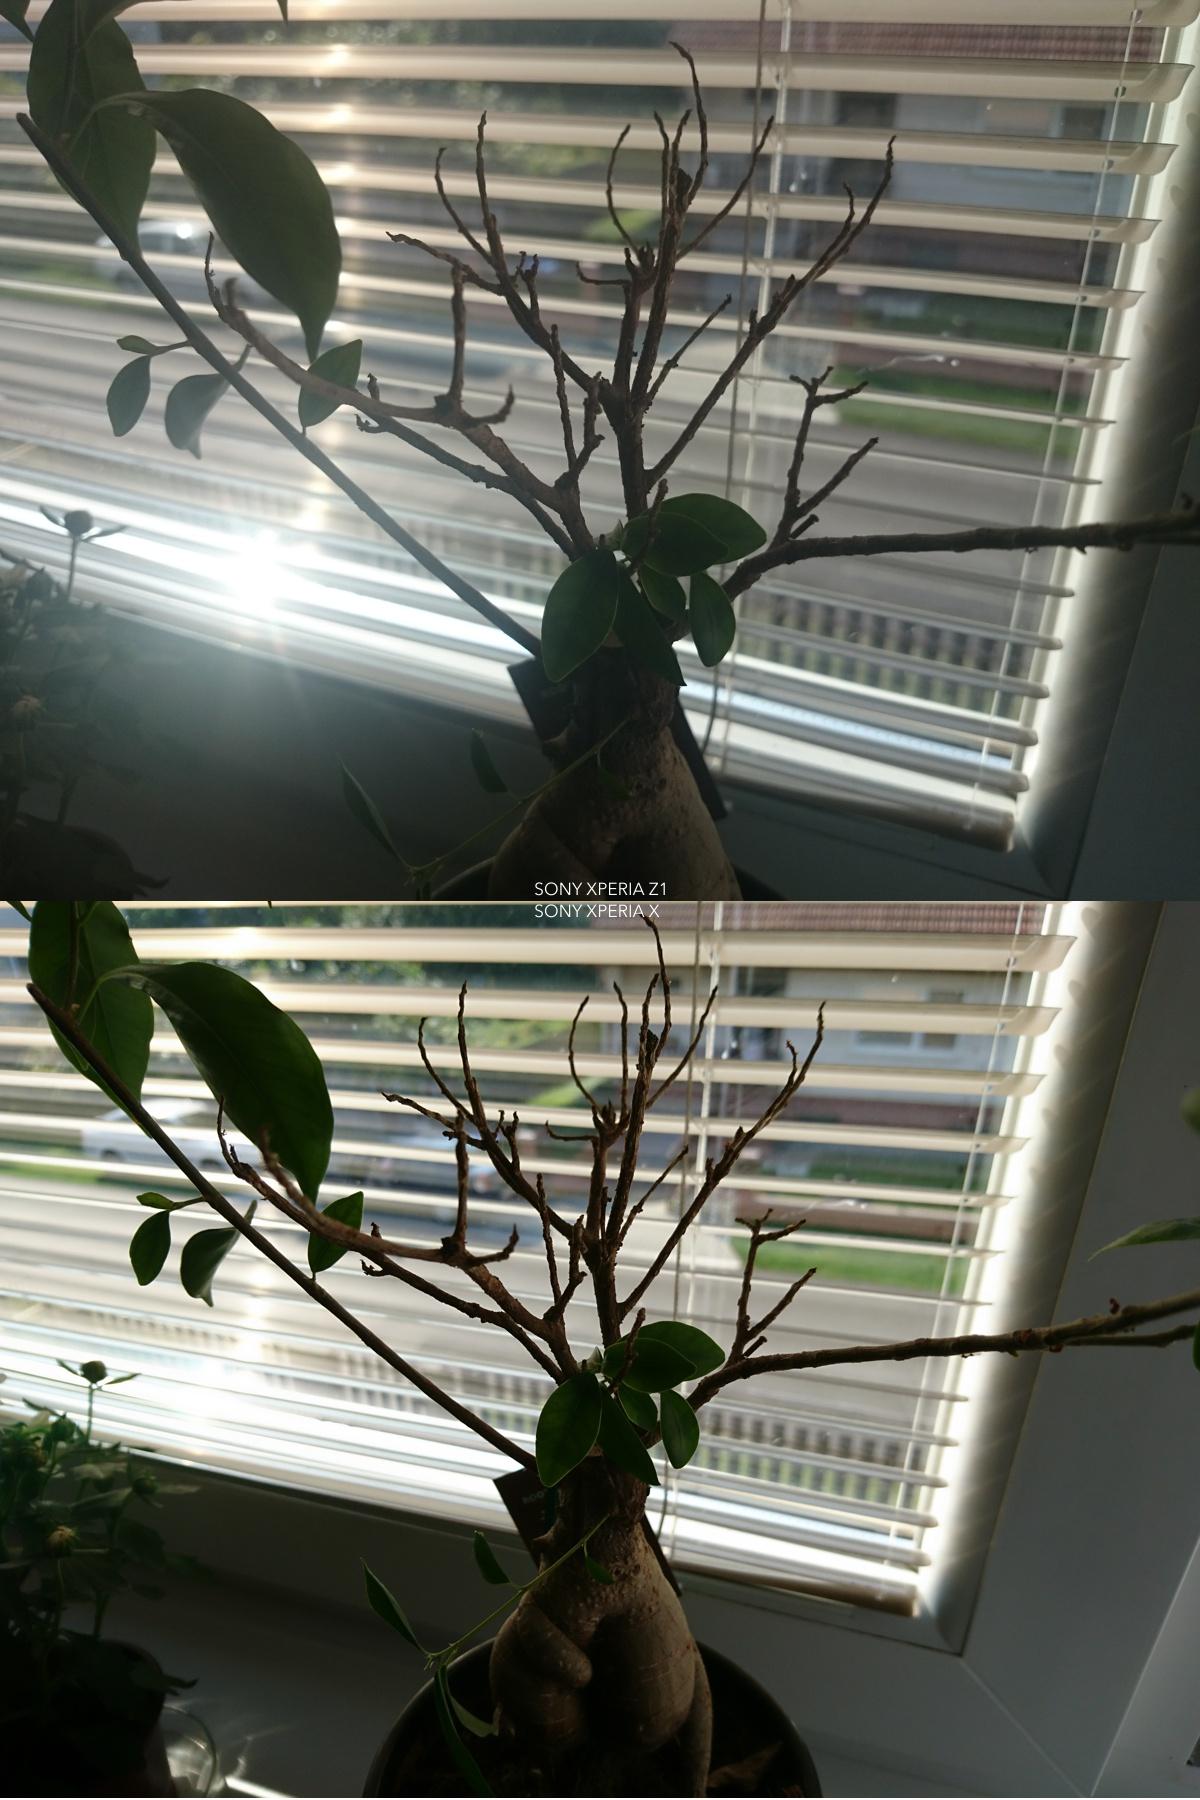 Fototest Sony Xperia Z1 vs Sony Xperia X